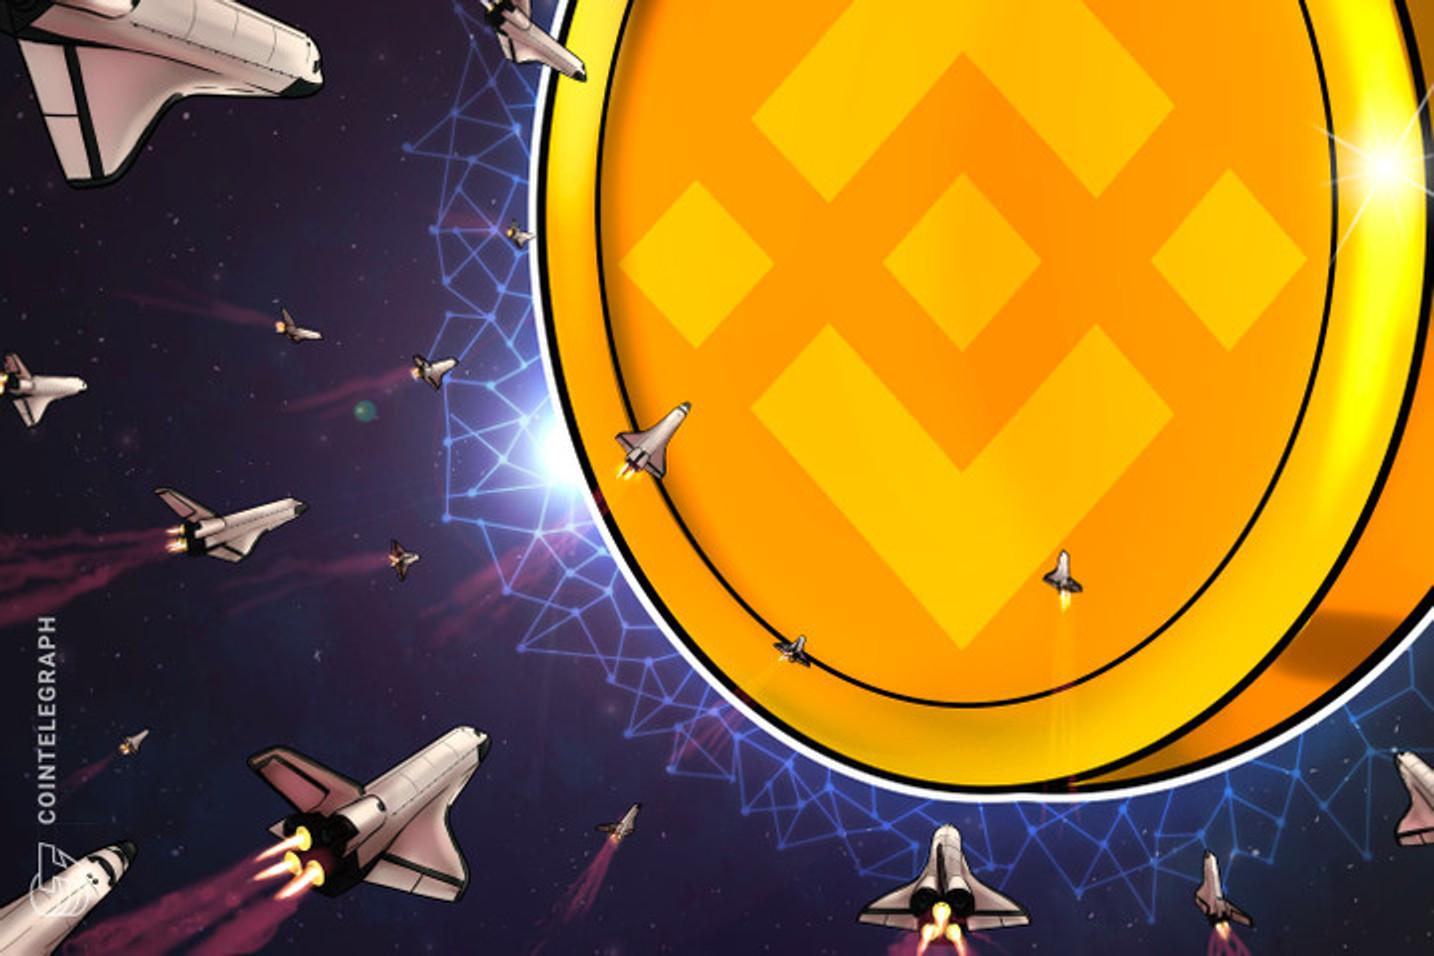 Lançamento do token SFP na Binance faz moeda subir 1.300% no dia de estreia